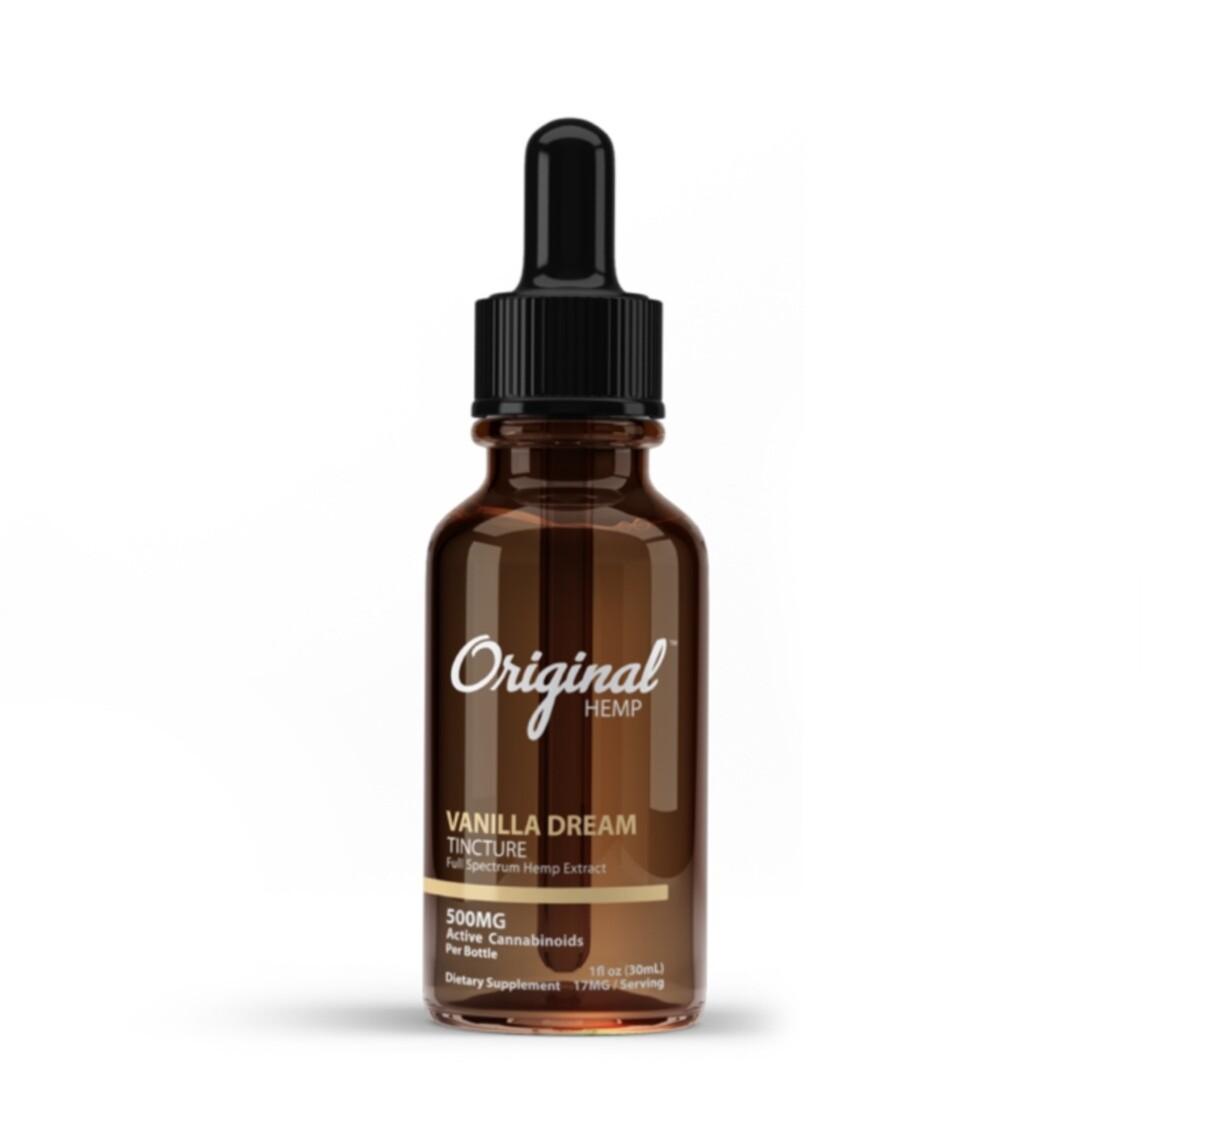 Original Hemp Vanilla Dream 500 mg